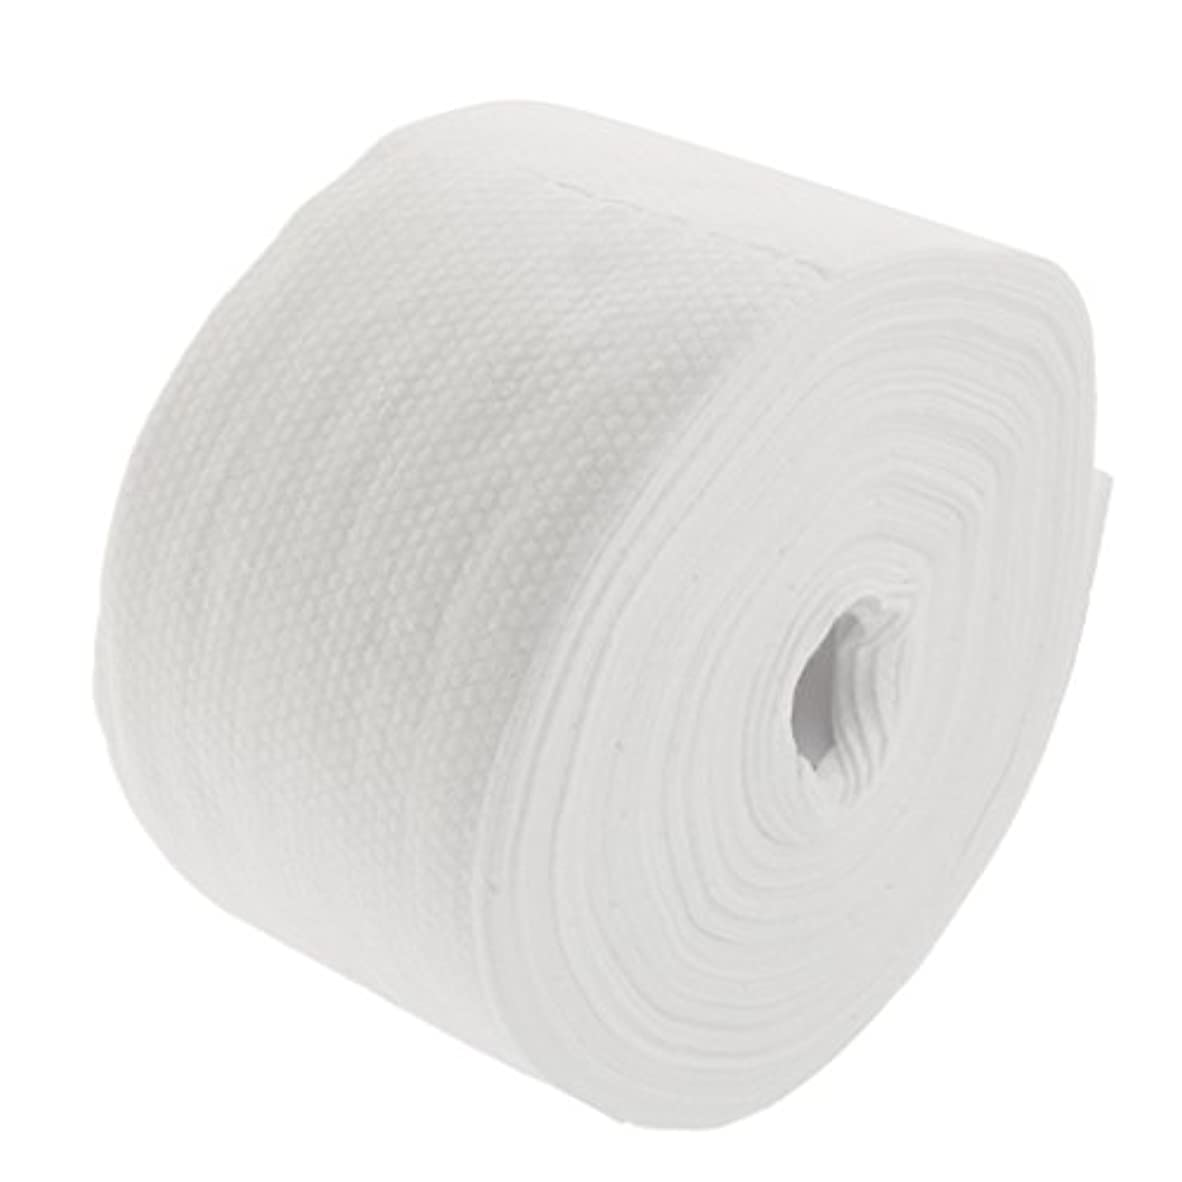 やろう頼る暗記するロール式 使い捨て フェイシャルタオル 30M 使い捨てタオル 繊維 クレンジング フェイシャル メイクリムーバー 2タイプ選べる - #2